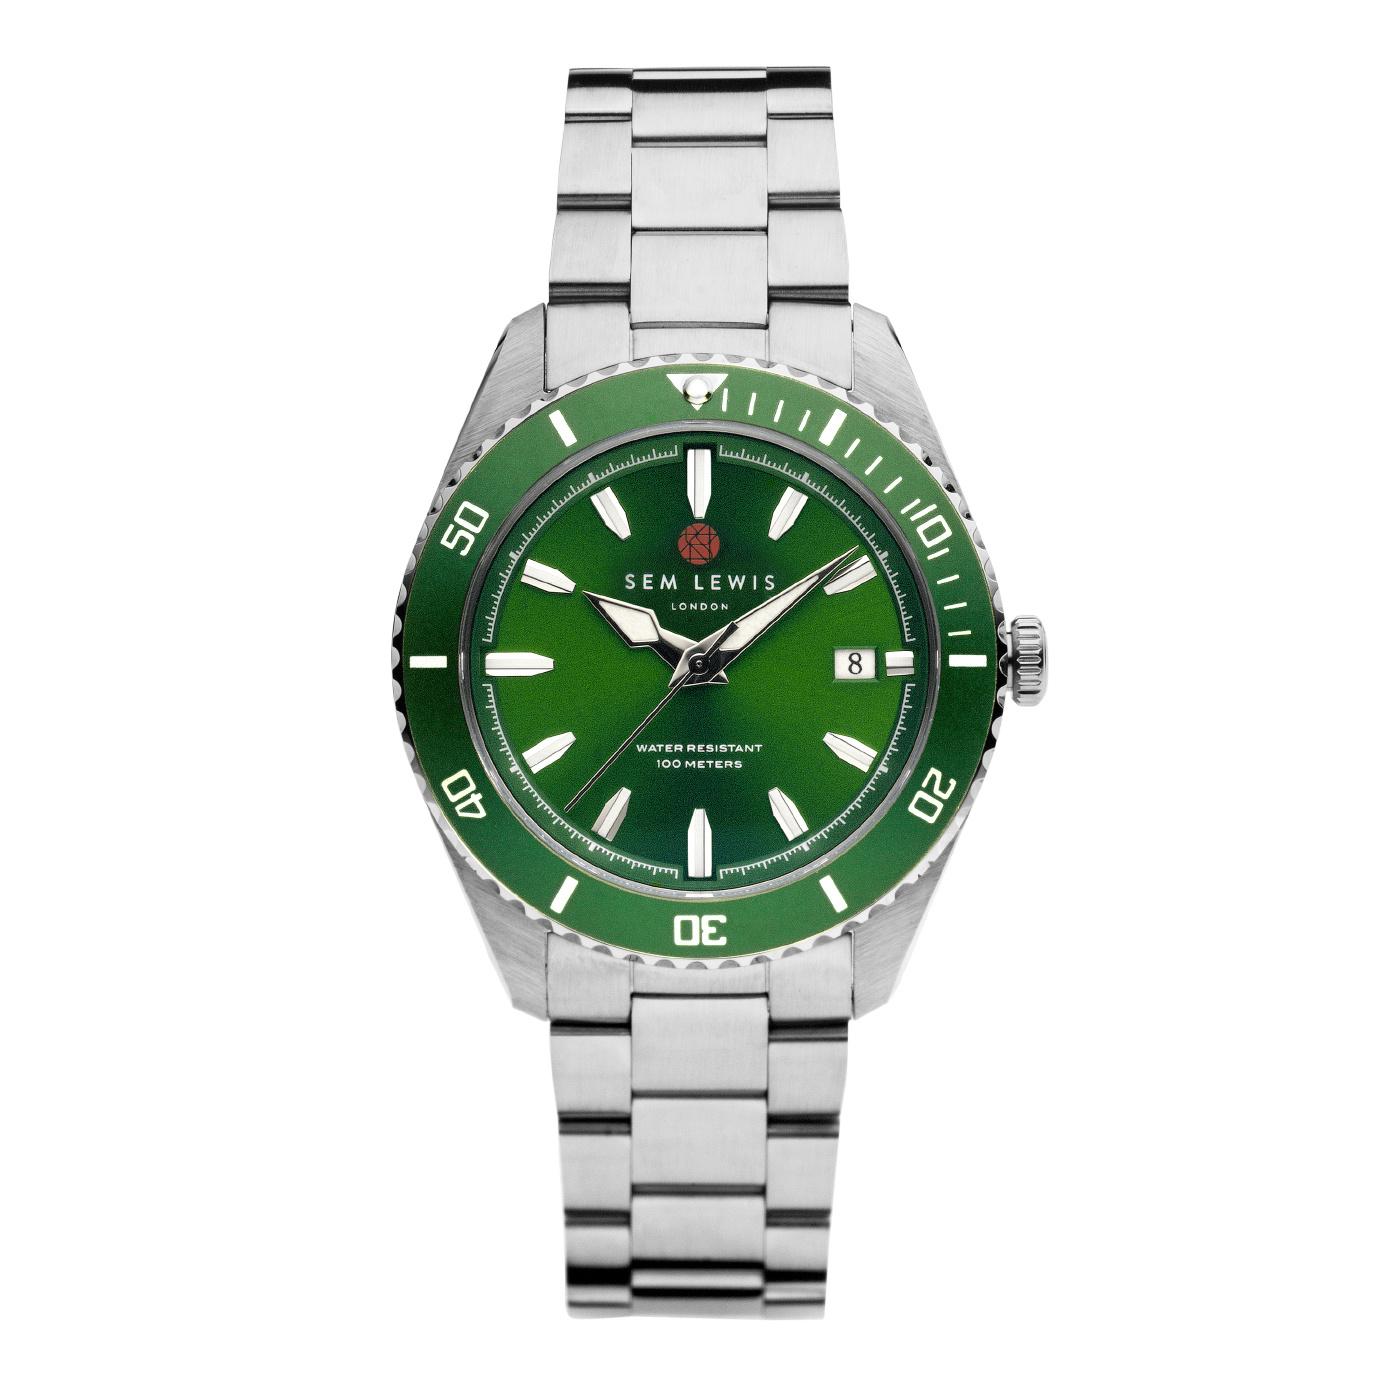 Sem Lewis Lundy Island Diver ur sølvfarvet og grøn